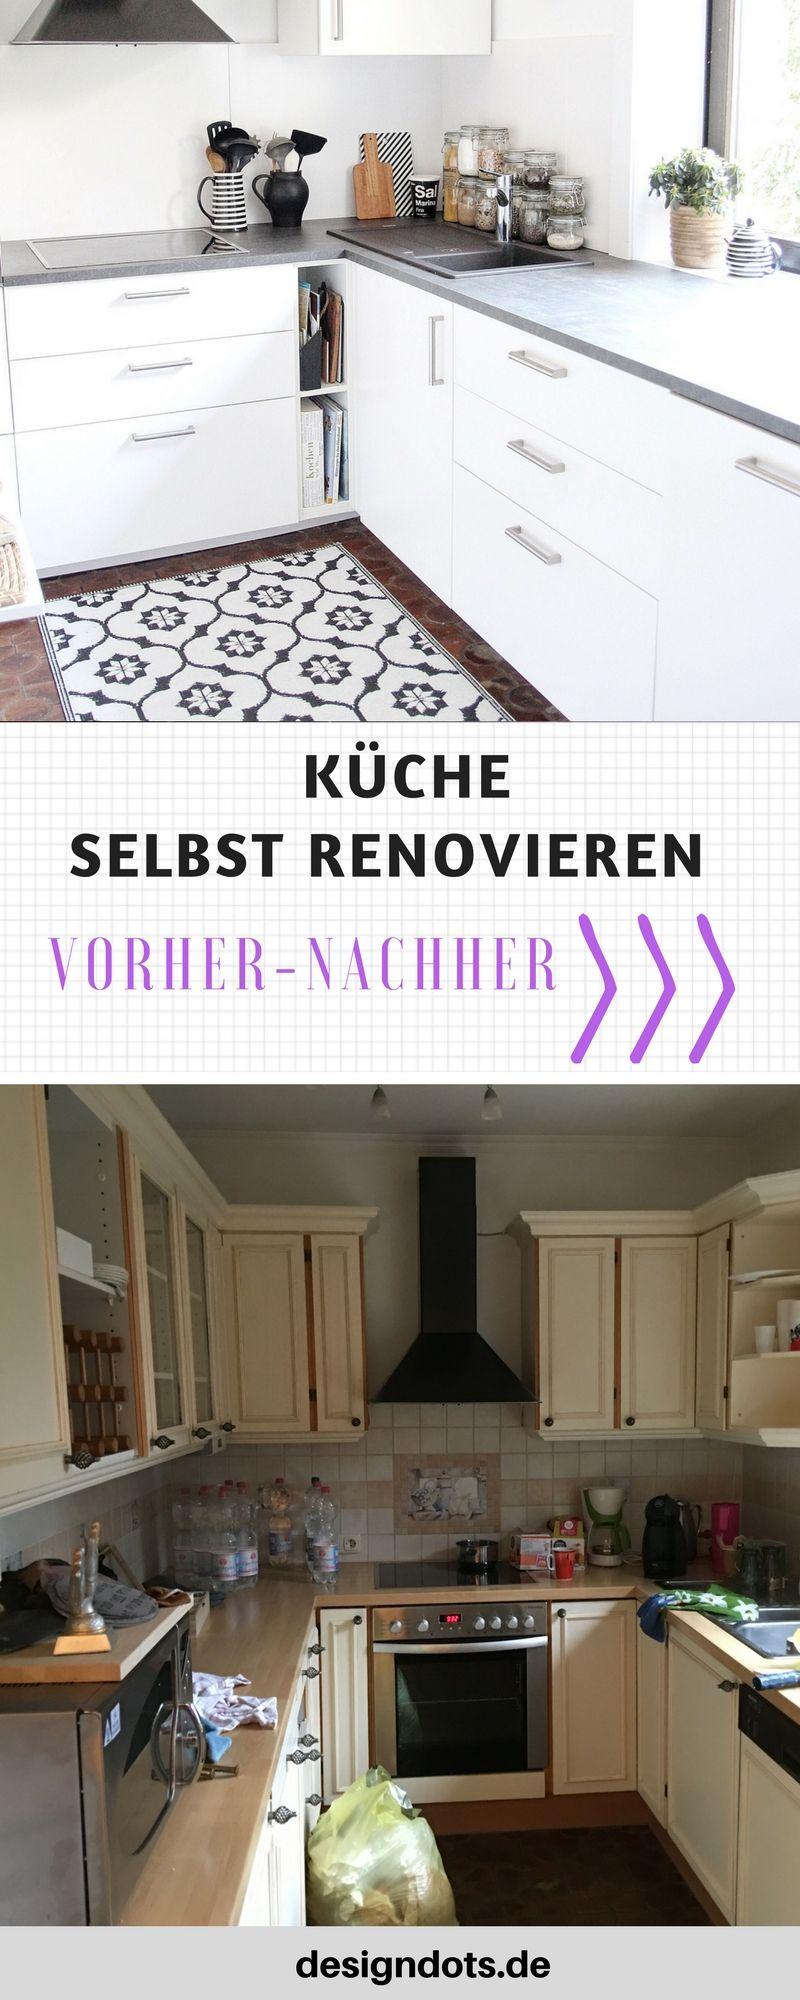 neue k che f r 1000 euro pinterest skandinavisch wohnung wohnung einrichten dekoration und. Black Bedroom Furniture Sets. Home Design Ideas